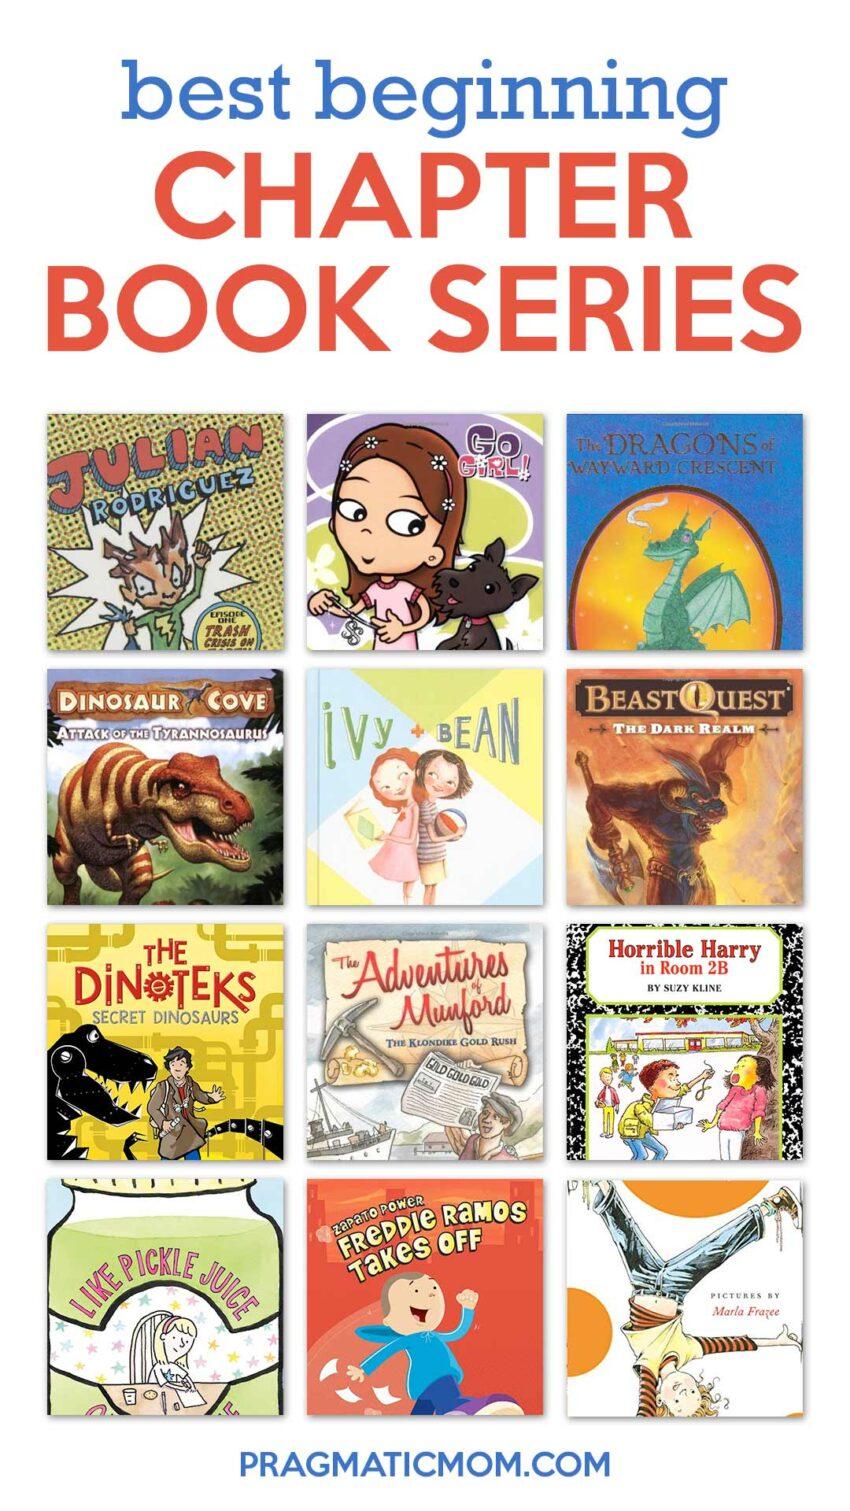 Best Beginning Chapter Book Series